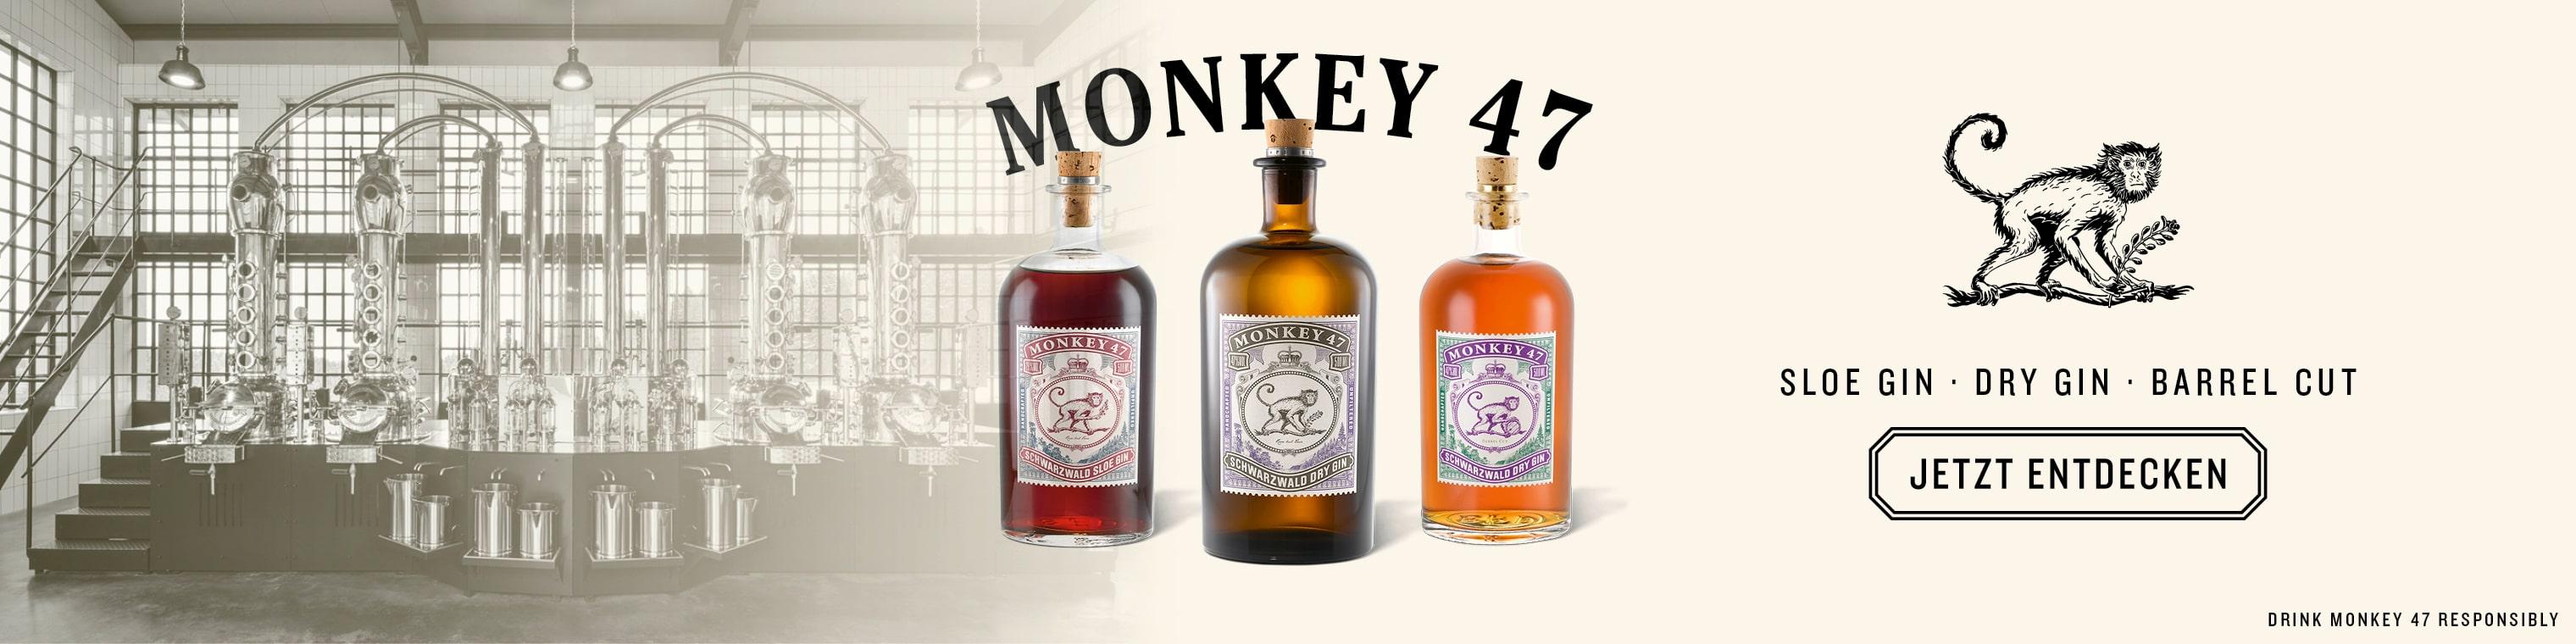 Monkey 47 Gin Triple Box